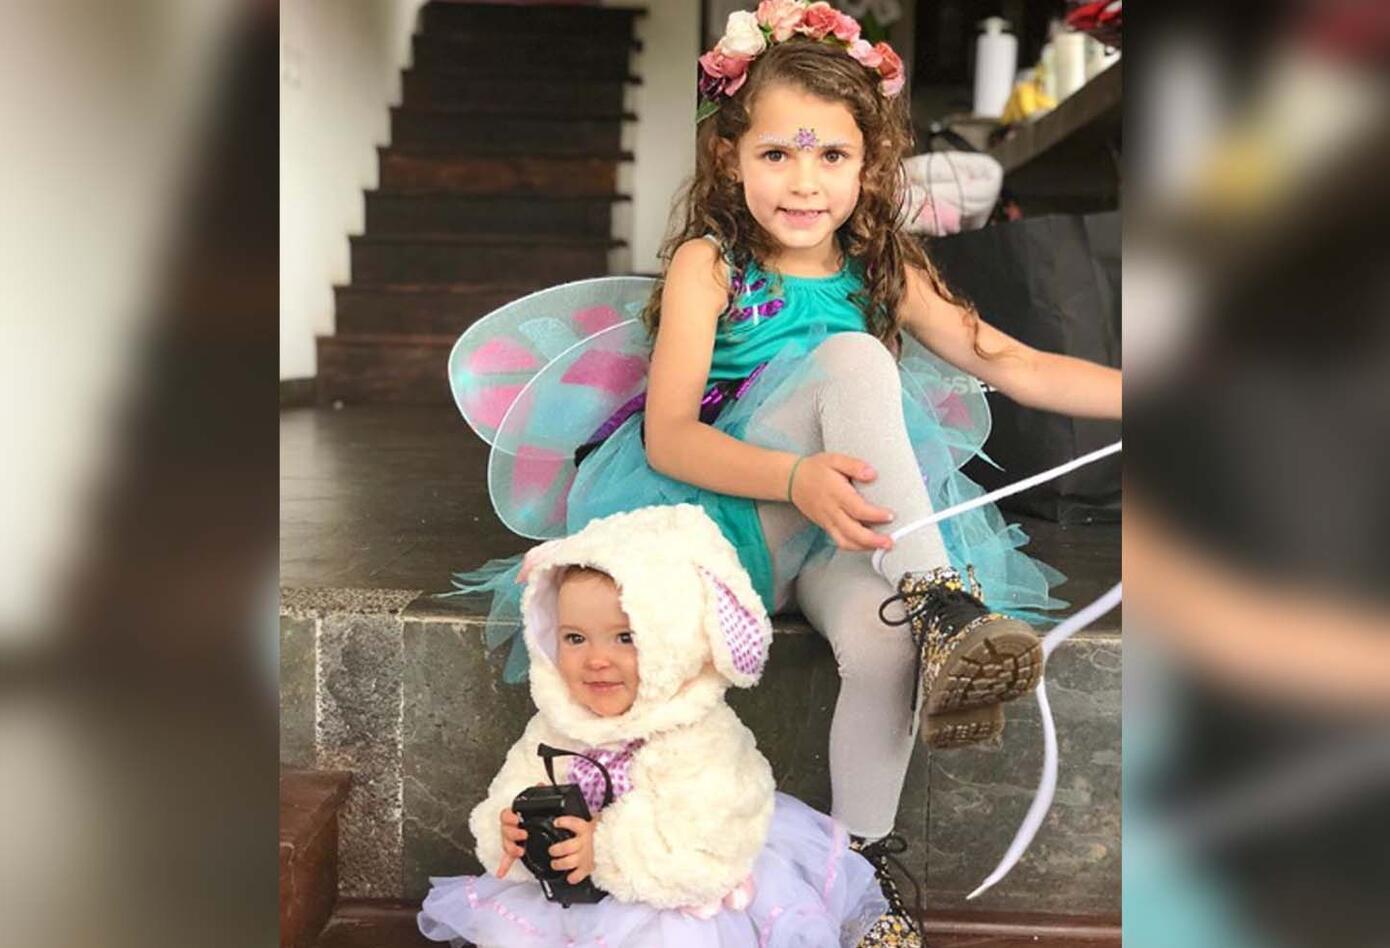 La presentadora Maleja Restrepo disfrazó a su hija Guadalupe de Hada y a su pequeña hija Macarena de una Ovejita con una falda tutu.